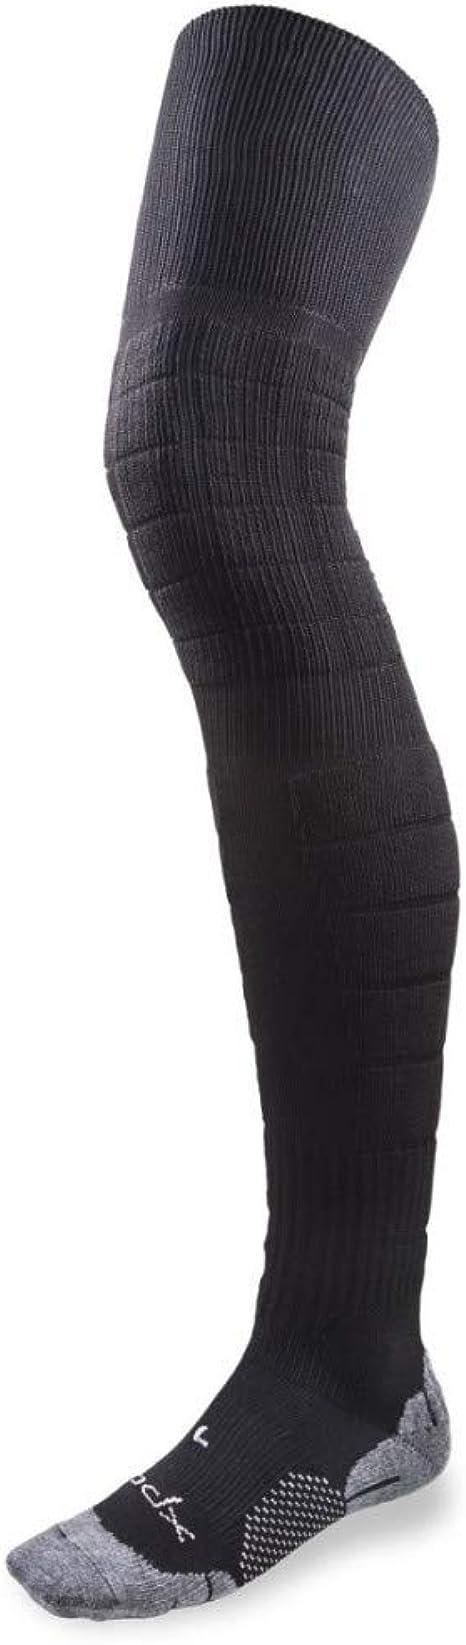 Socks Goalkeeper Pdx Pdx Sport